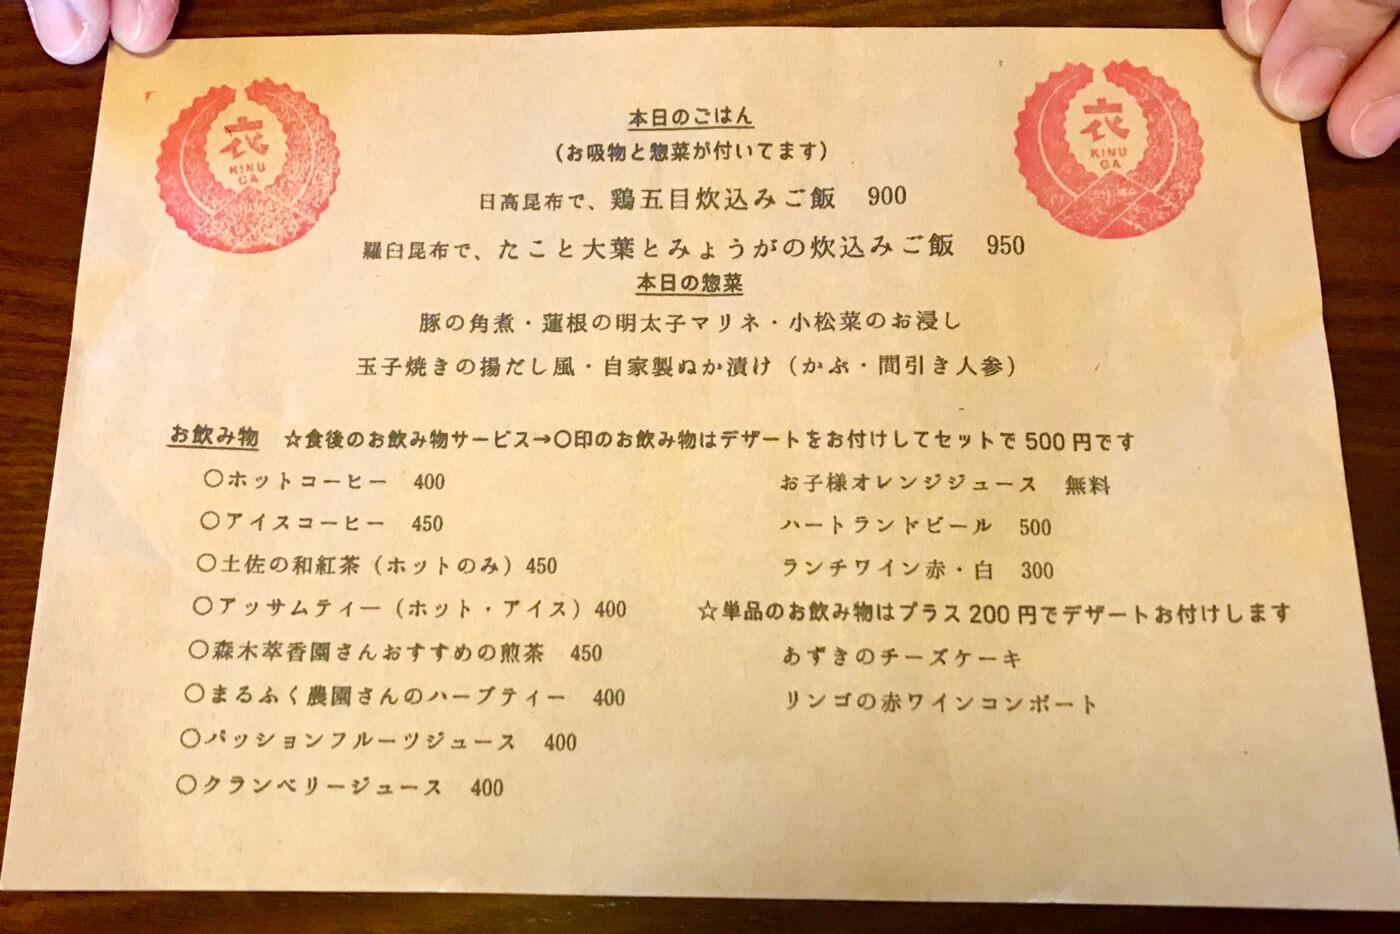 衣ヶ島食堂 メニュー